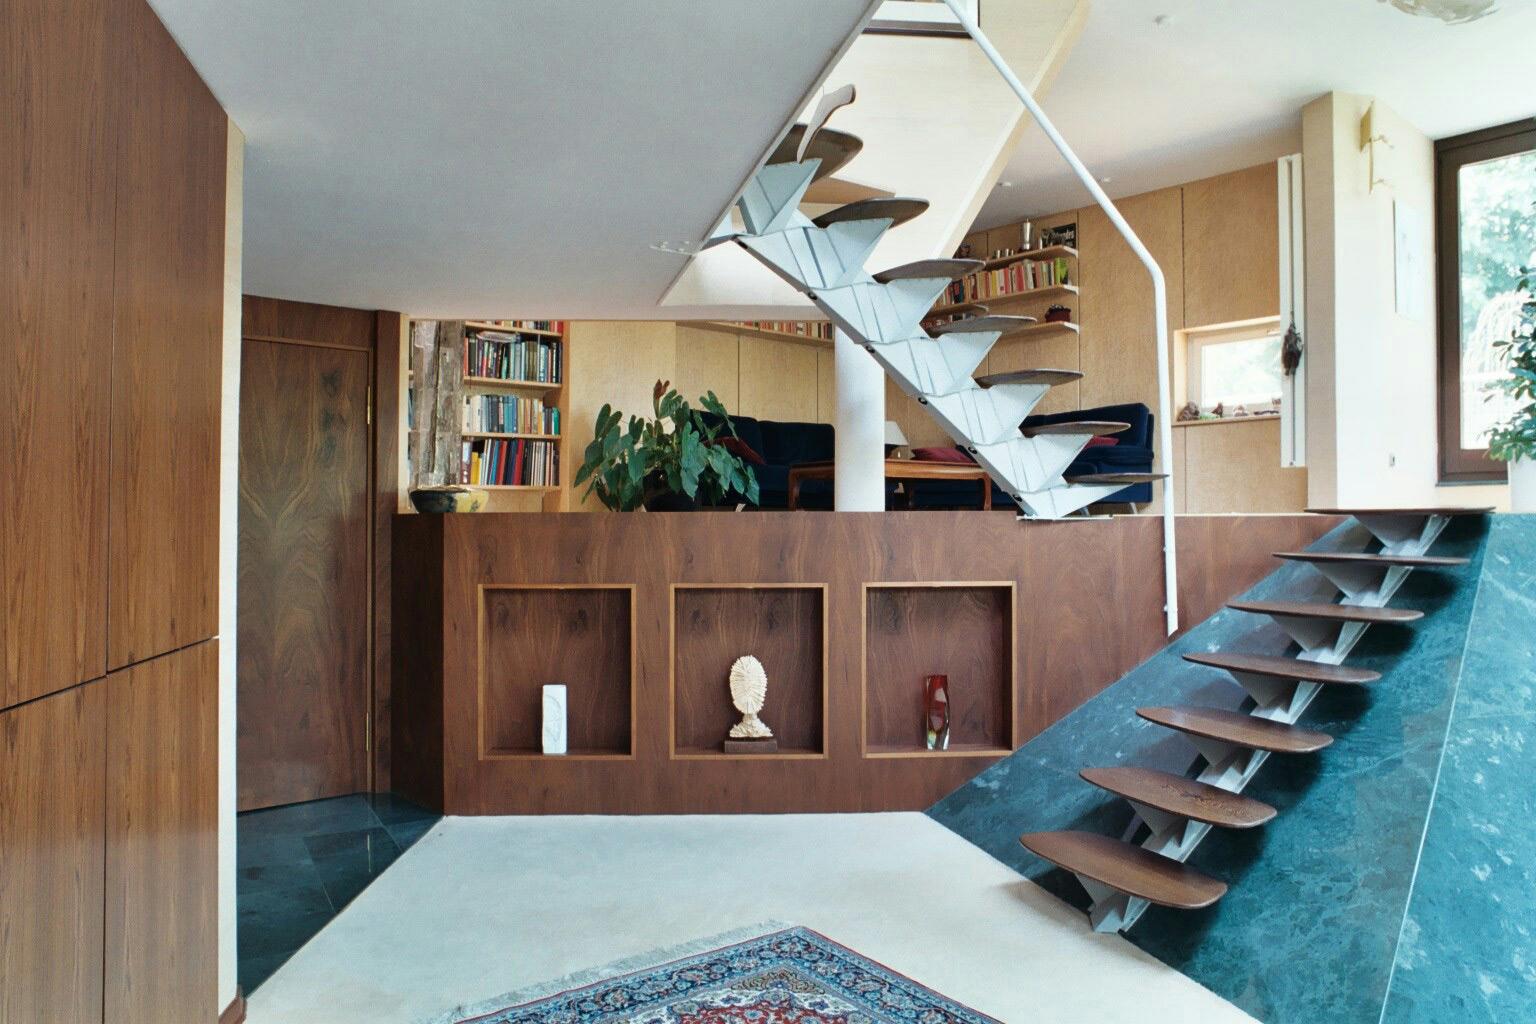 Innenausbau Berlin schmidt brumm möbel und innenausbau berlin